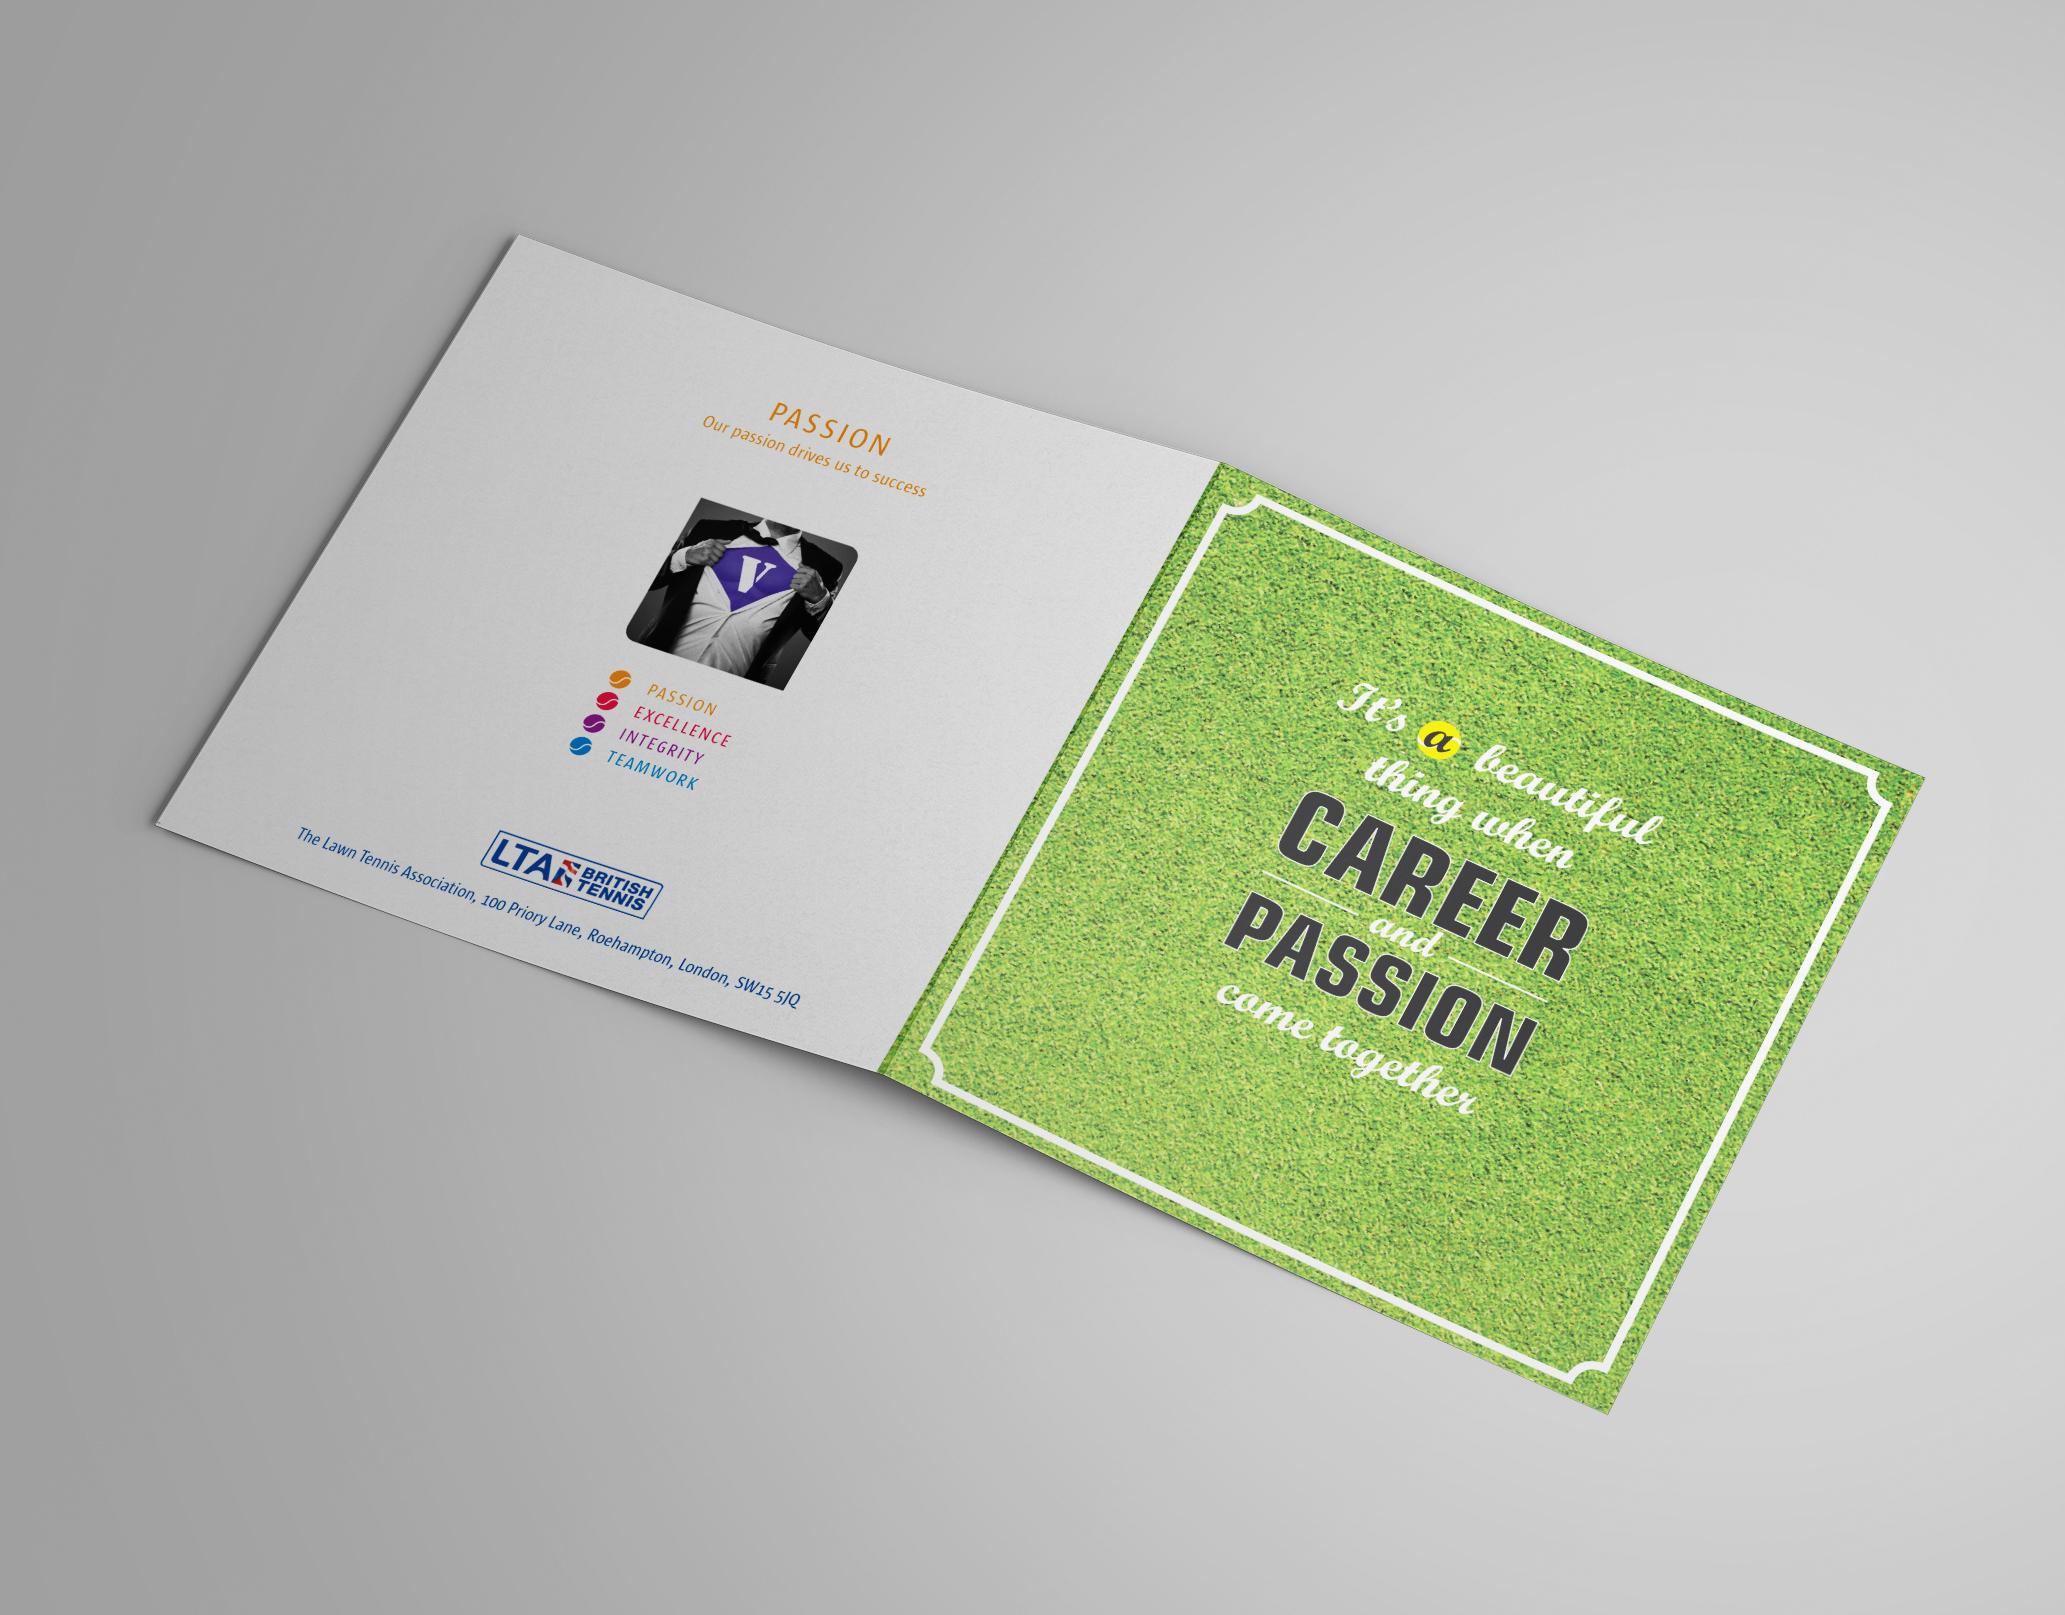 Joanne Mannion Designs - Lawn Tennis Association Launch Event